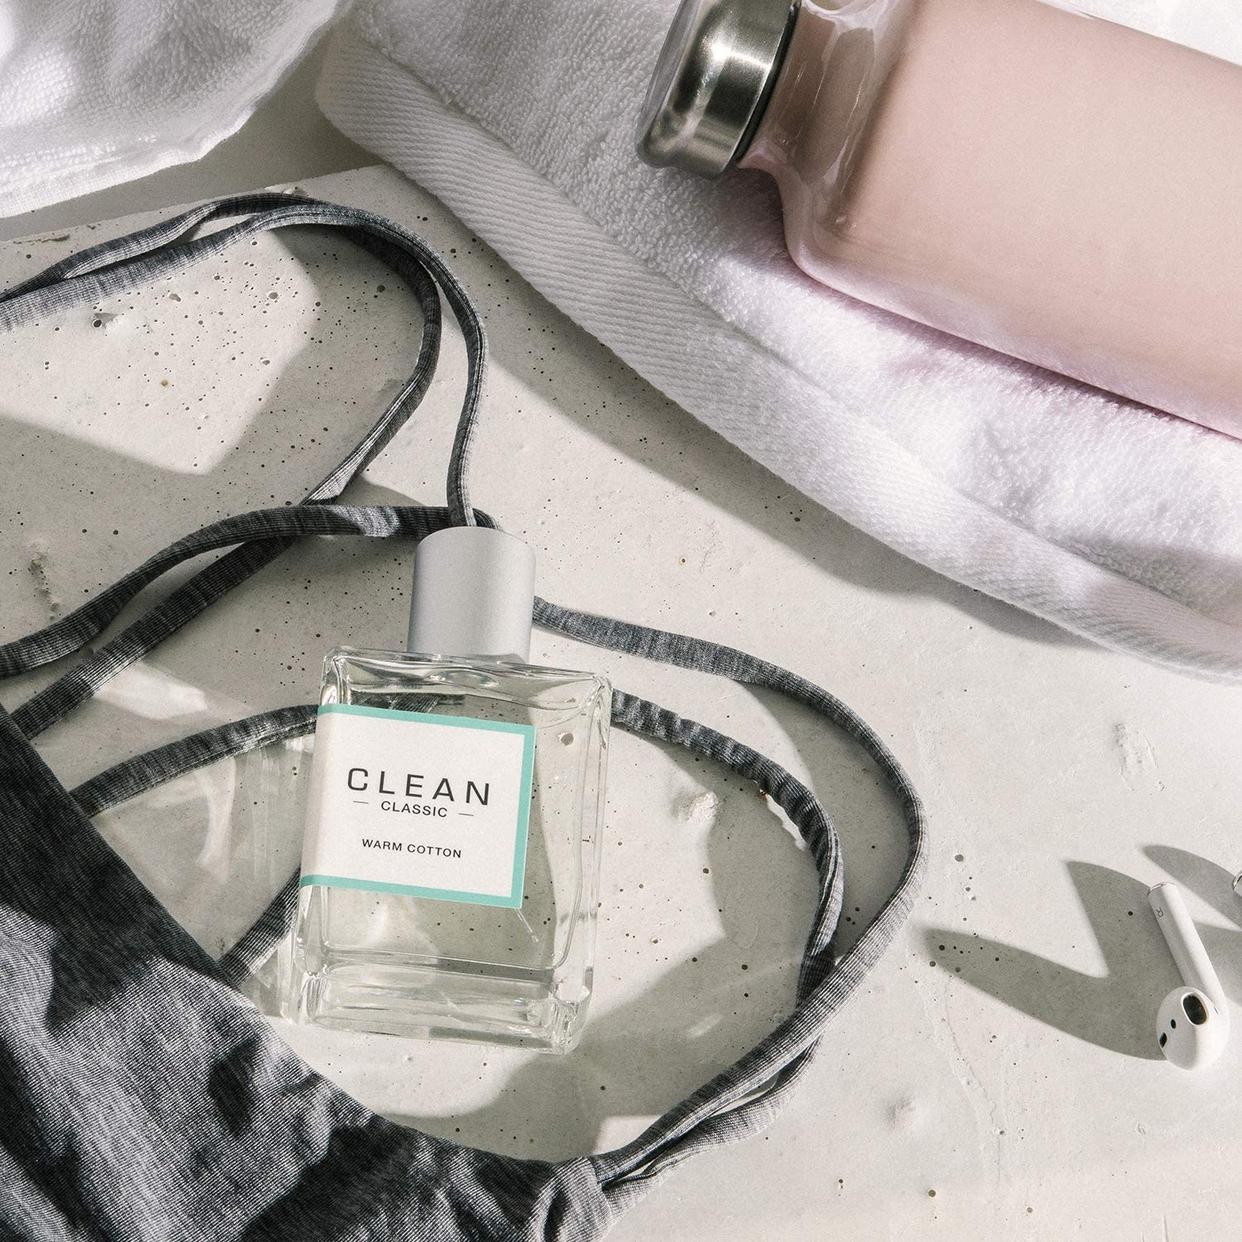 CLEAN(クリーン) クラシック ウォームコットン オードパルファムの商品画像6